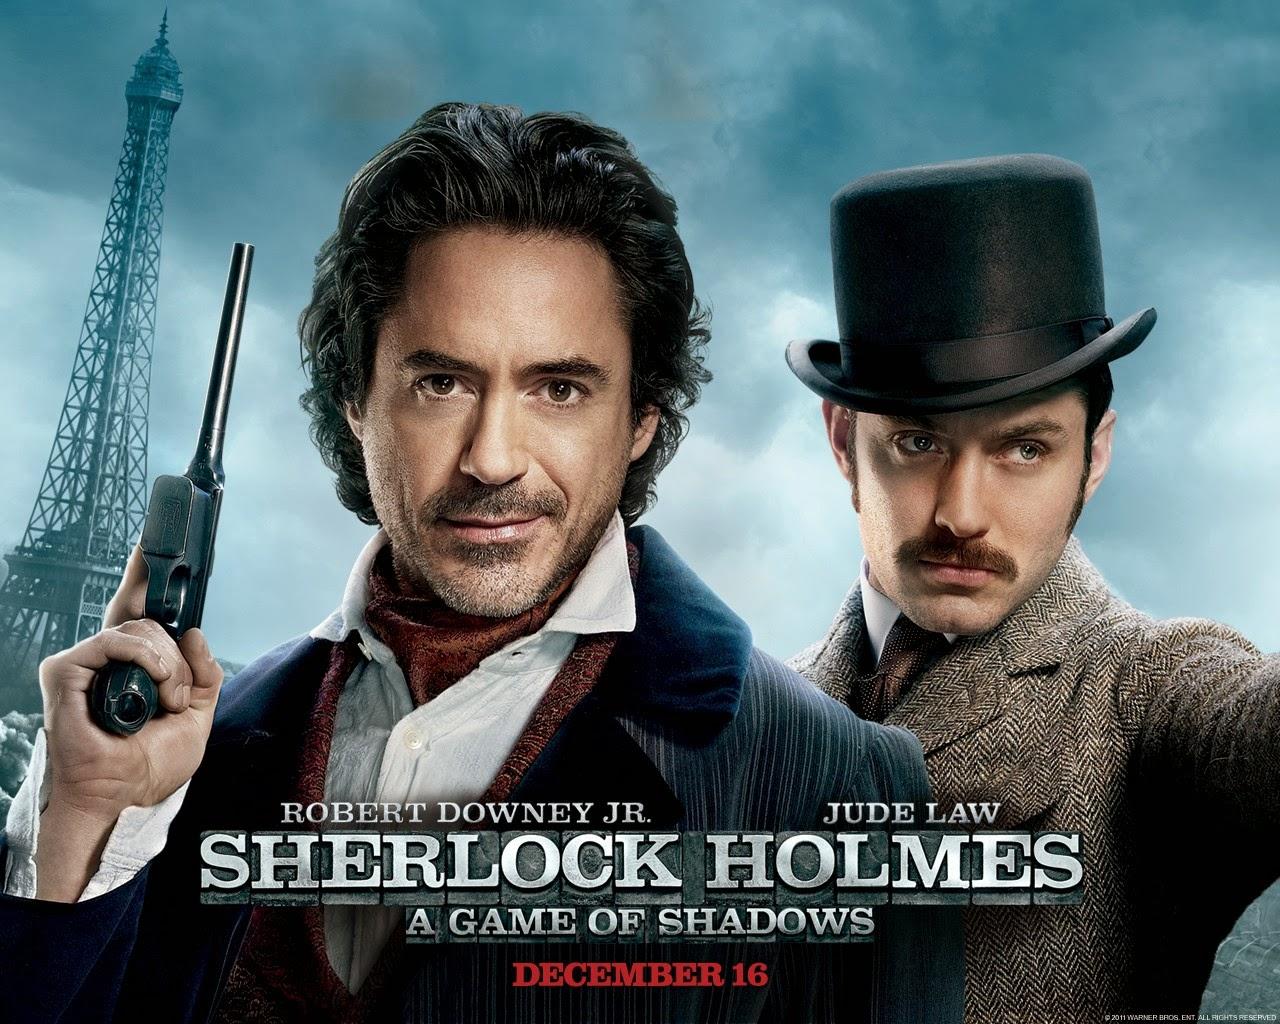 sherlock holmes 1080p download